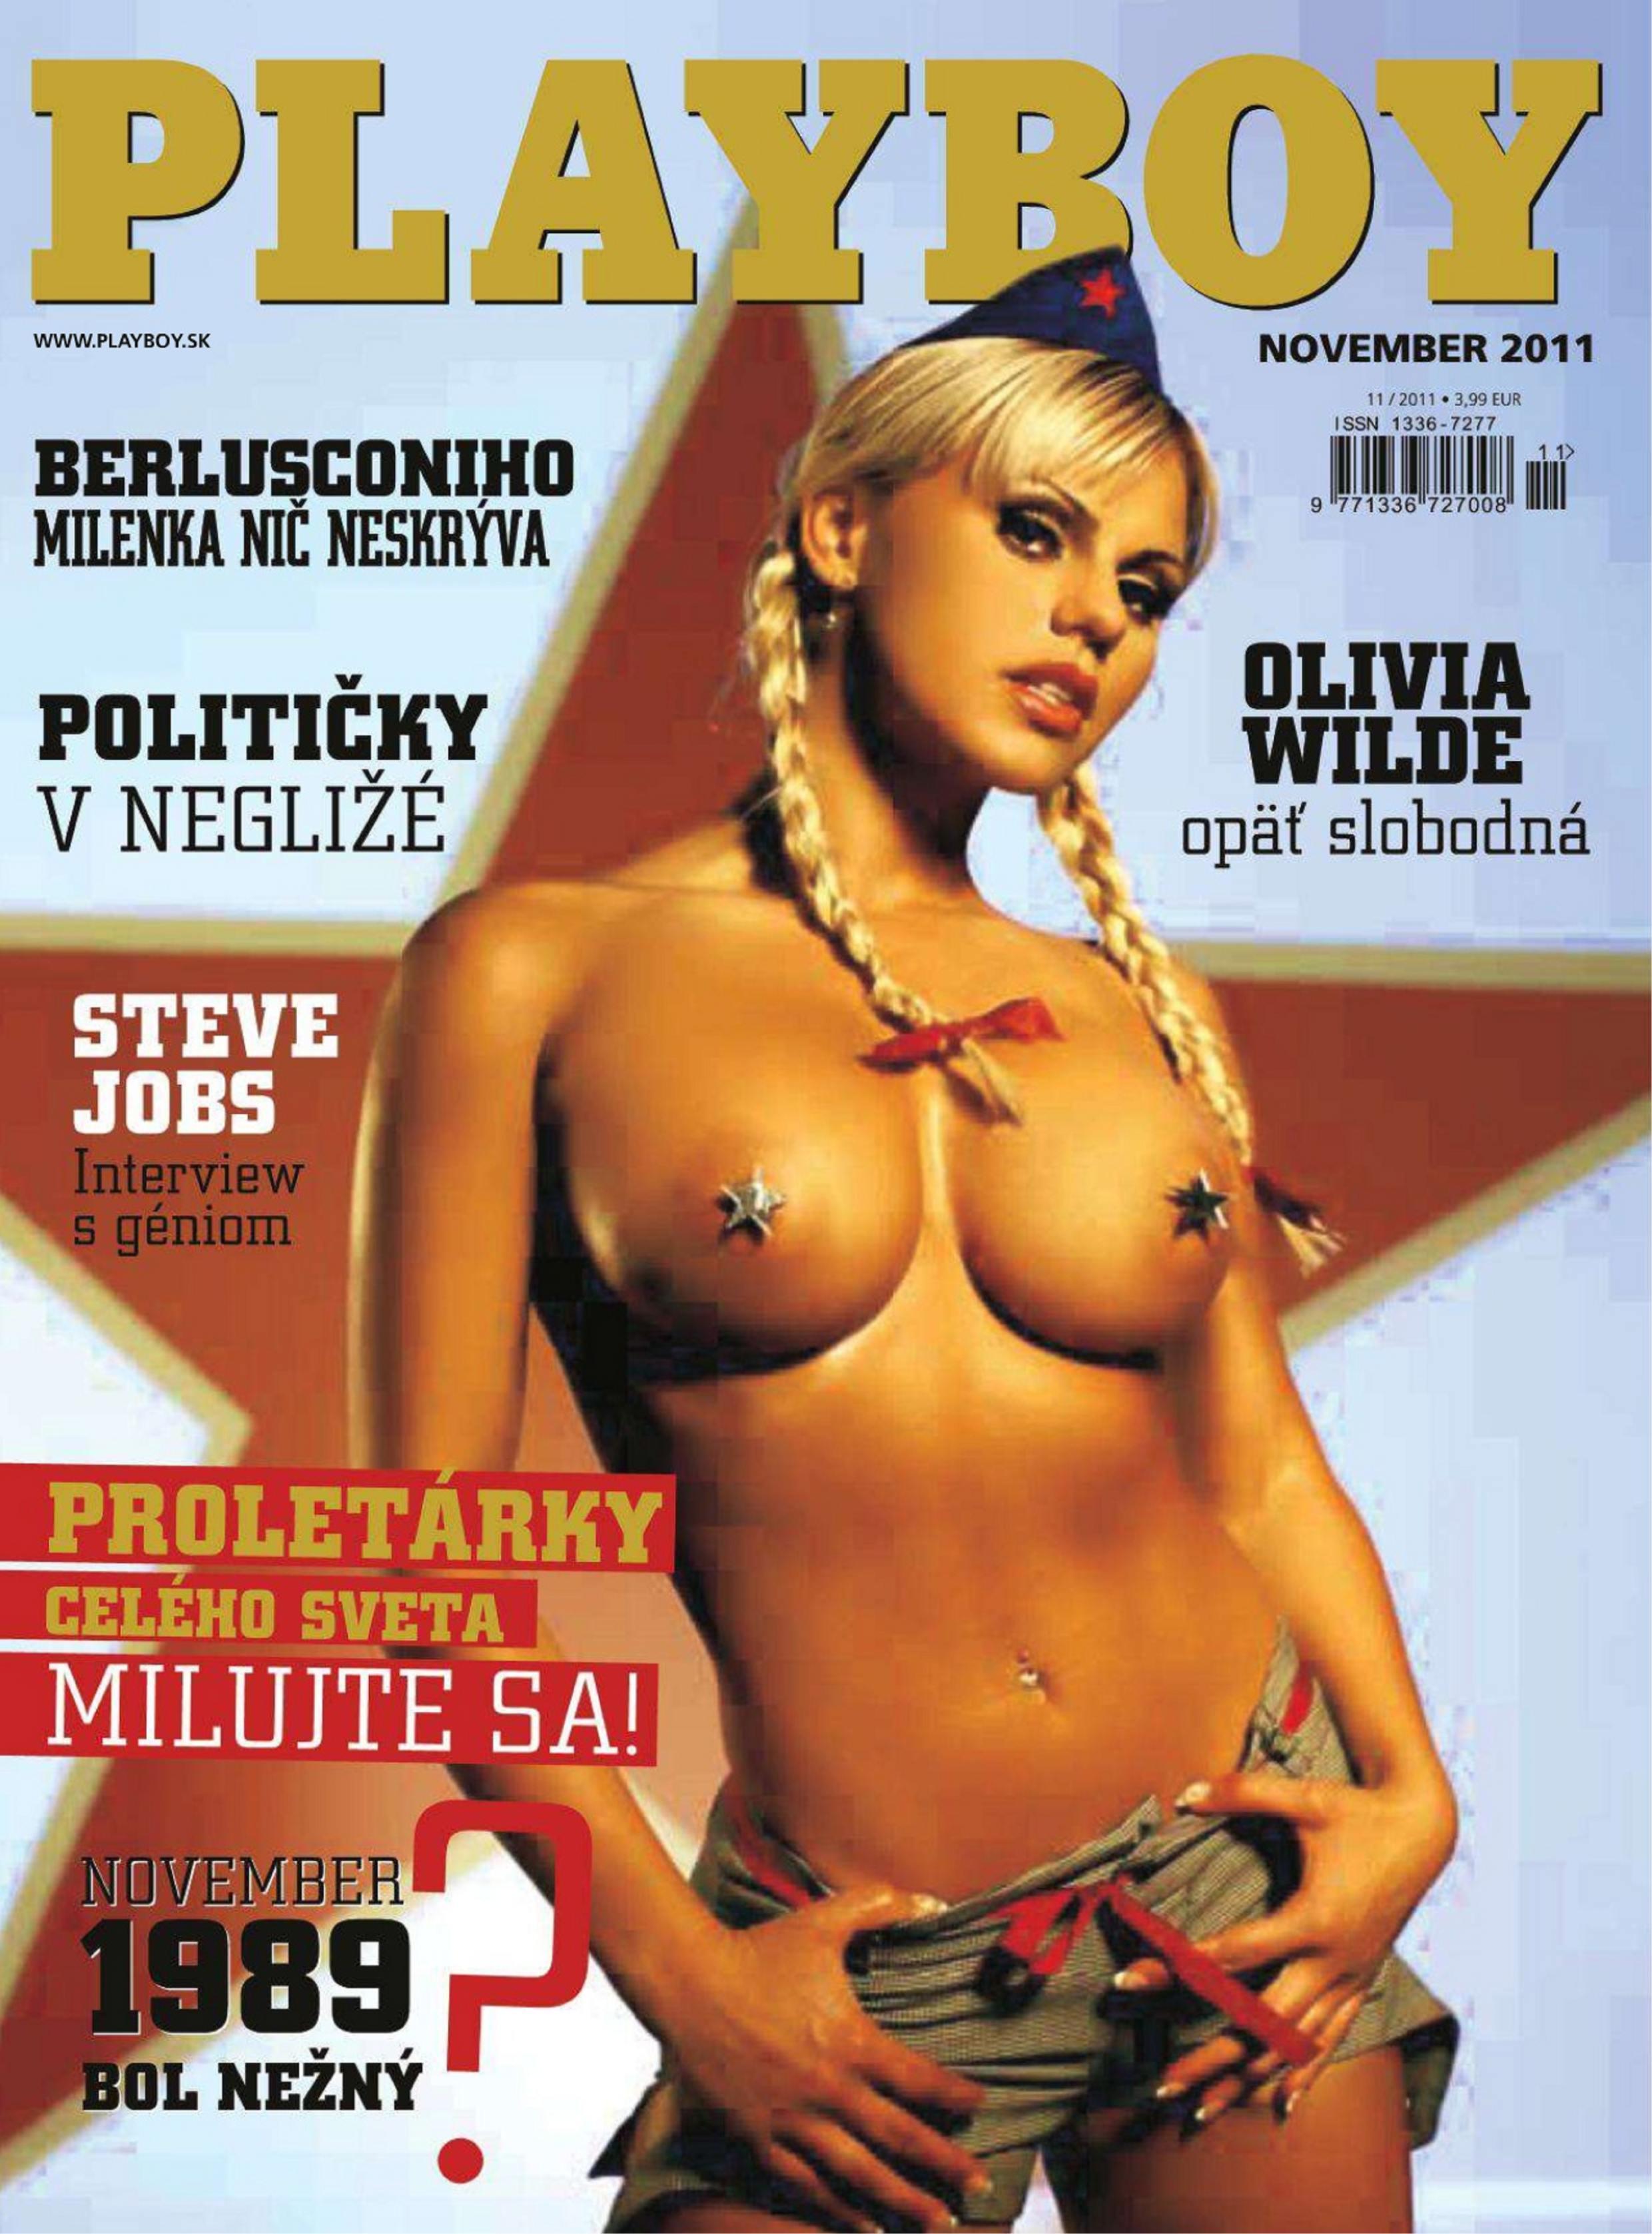 Смотреть видео журнал с голыми девушками